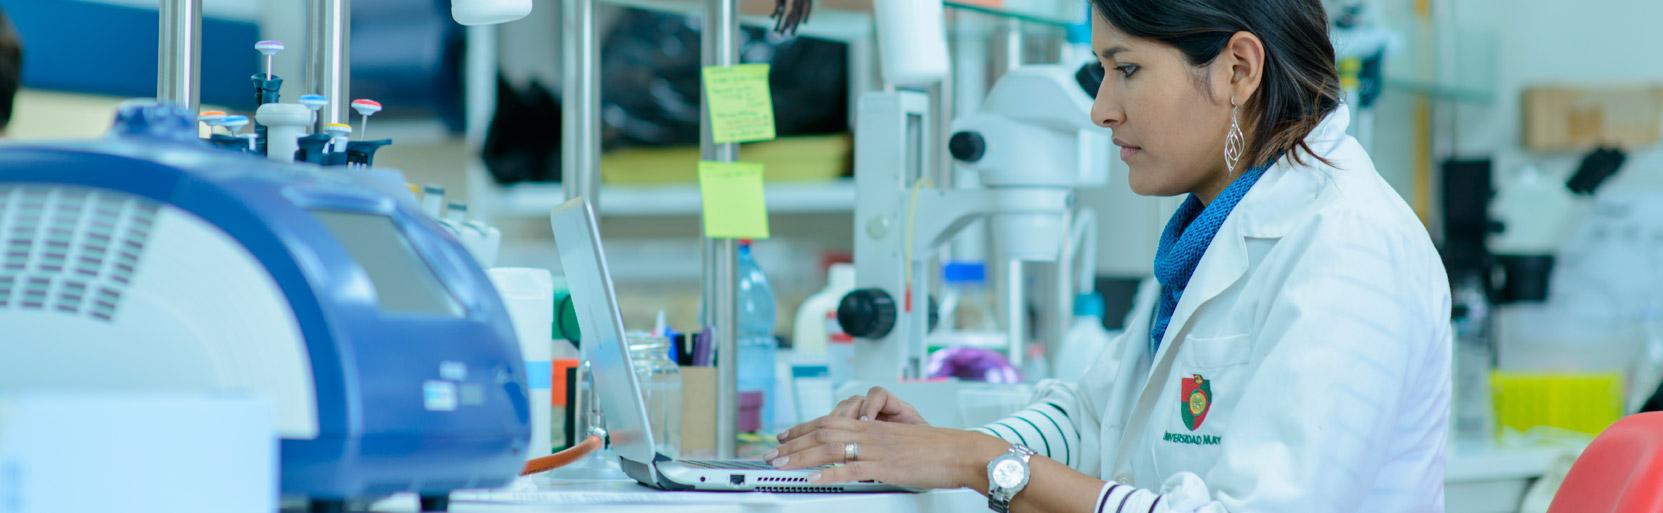 <h3>La revolución del Genoma Humano en Protagonistas 2030</h3><p><a href='https://www.diariomayor.cl/investigacion/688-investigacion-universidad-mayor-estrecha-lazos-con-ee-uu-en-materia-de-ciencia-y-tecnologia'>Más Información Aquí</a></p>